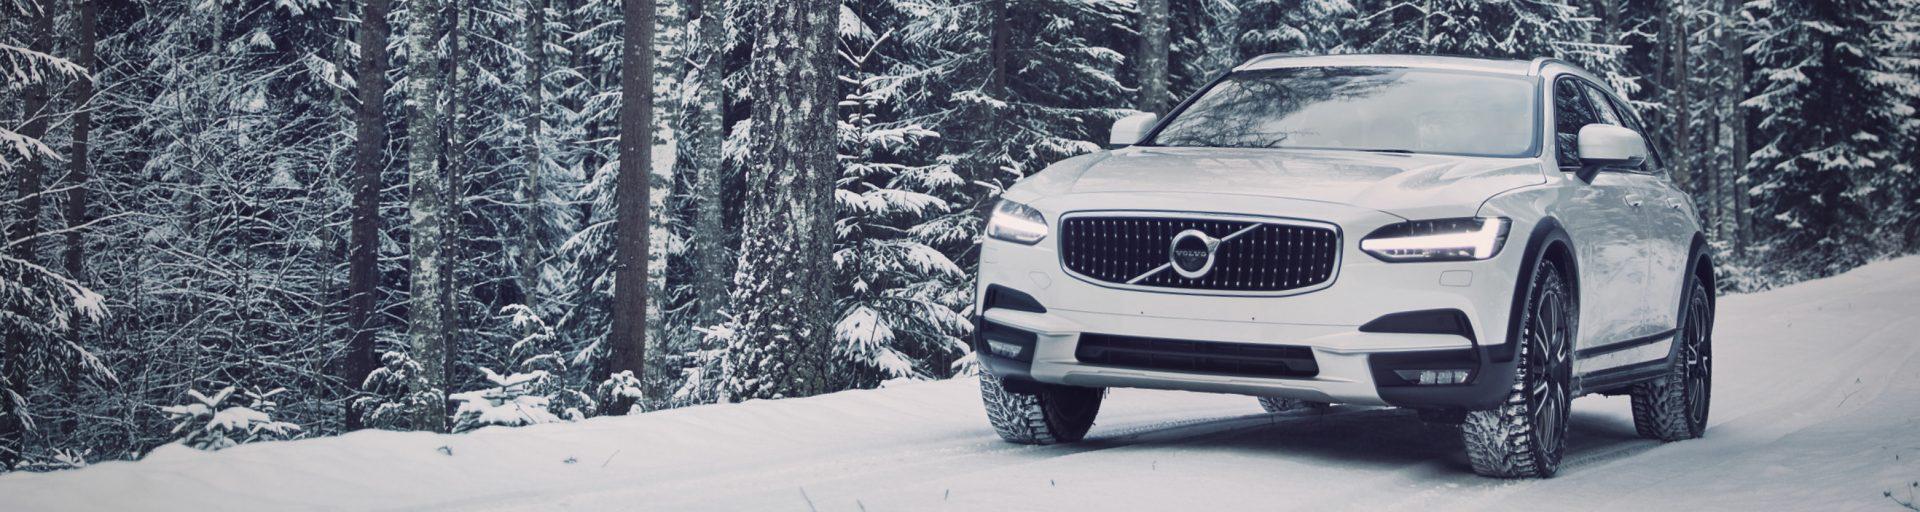 Volvo_Winterrreifen_Blog2